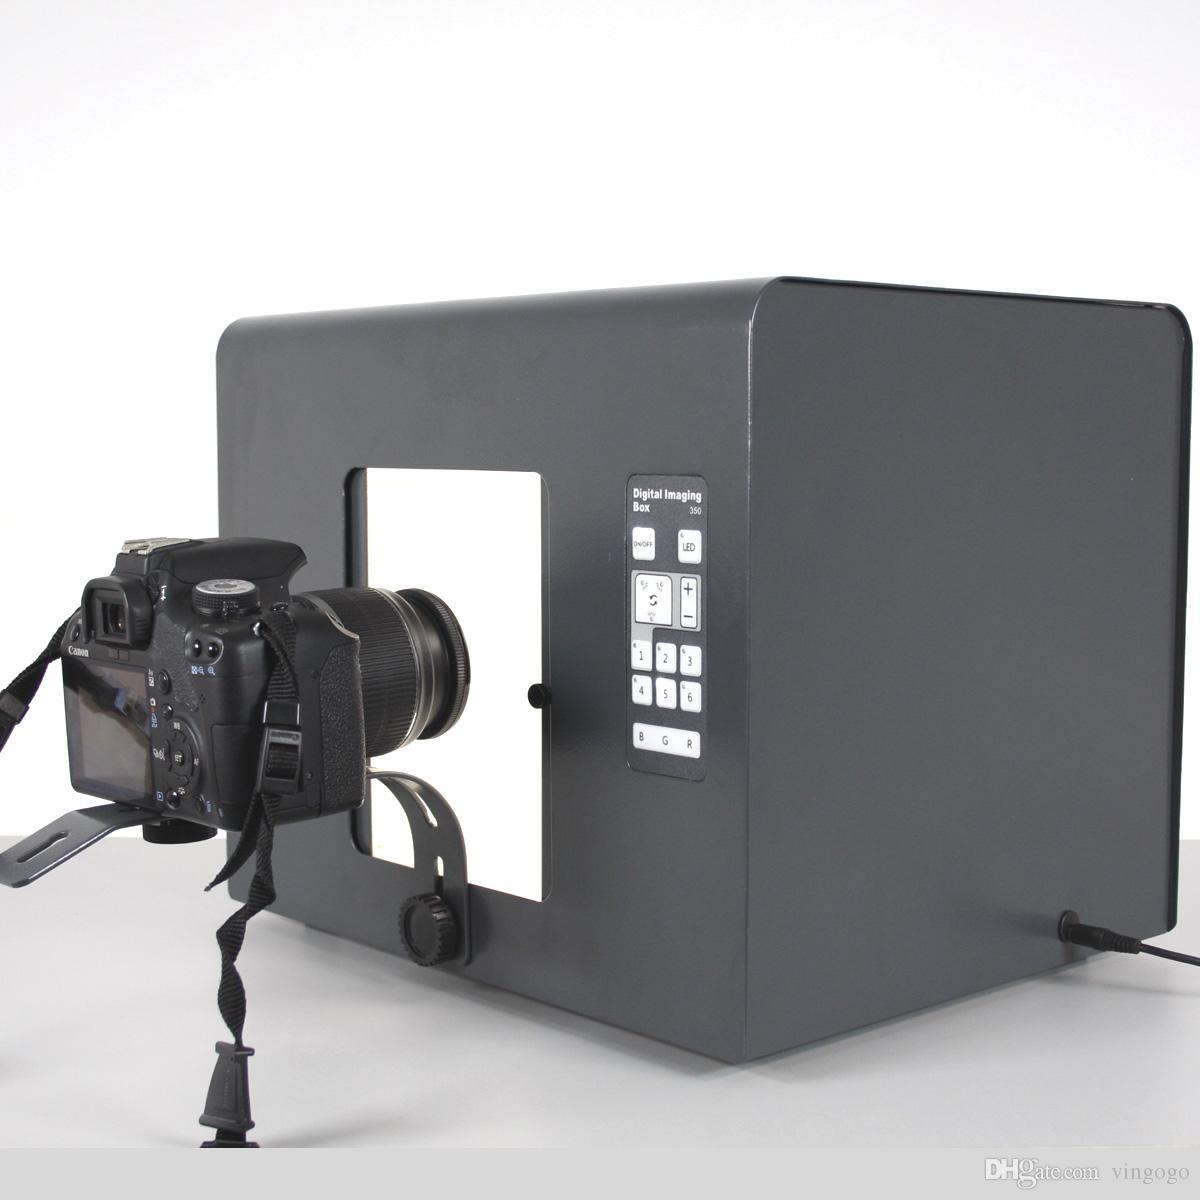 الصمام SANOTO B430 الرقمية قابل للتعديل مجوهرات الماس المهنية البسيطة التصوير الفوتوغرافي استوديو الصور ضوء مربع صندوق الصور الفوتوغرافي Softbox